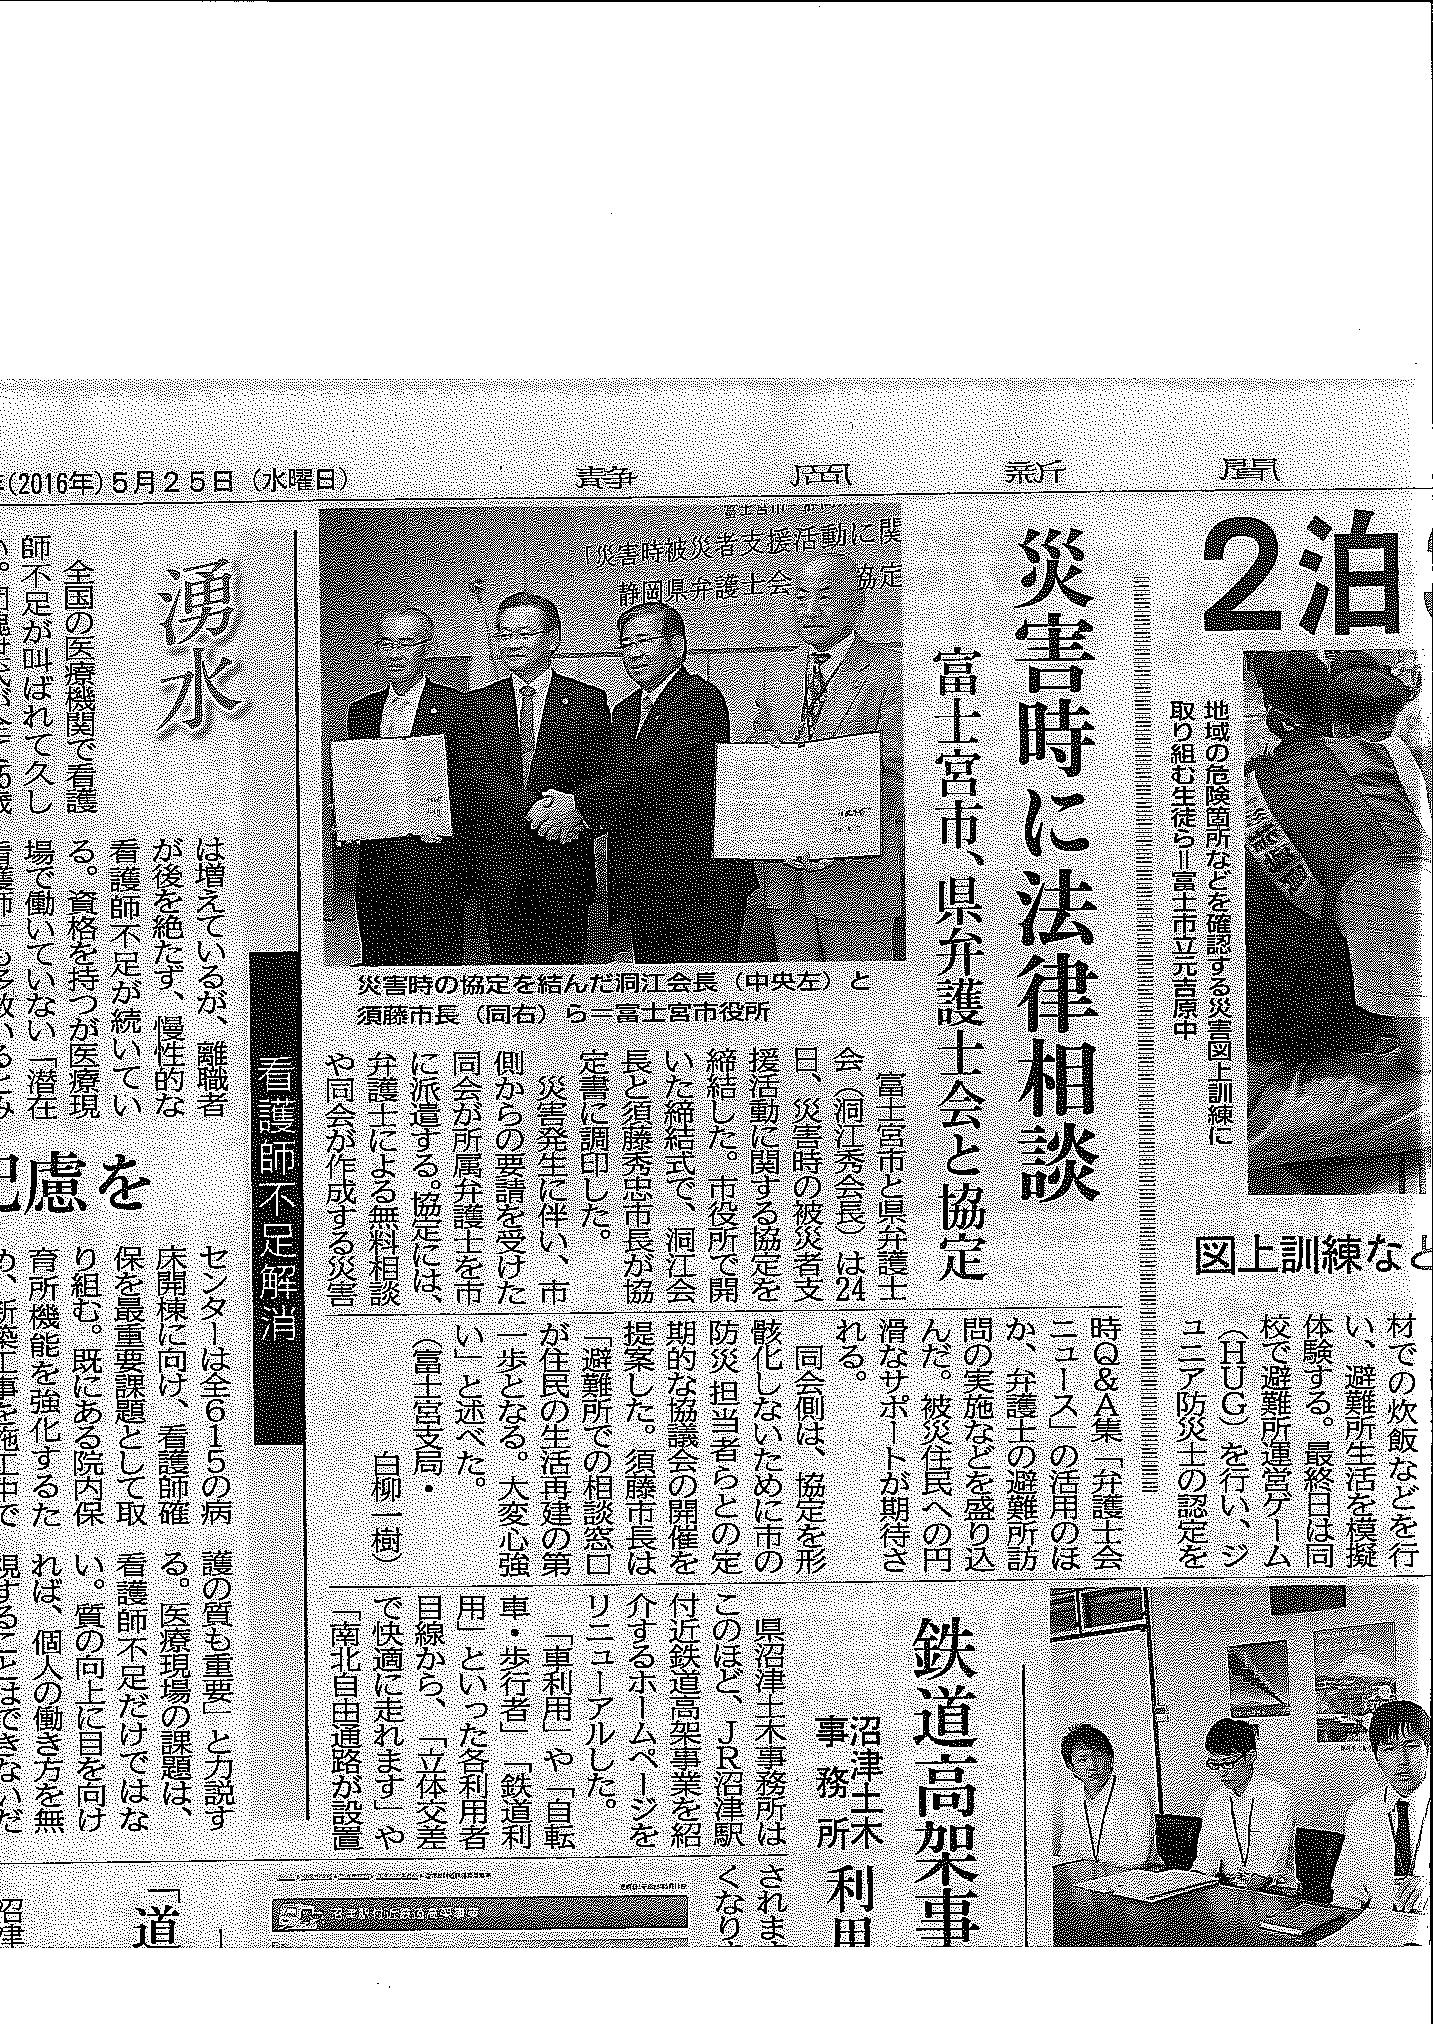 富士宮市協定静岡新聞記事 28.5.25